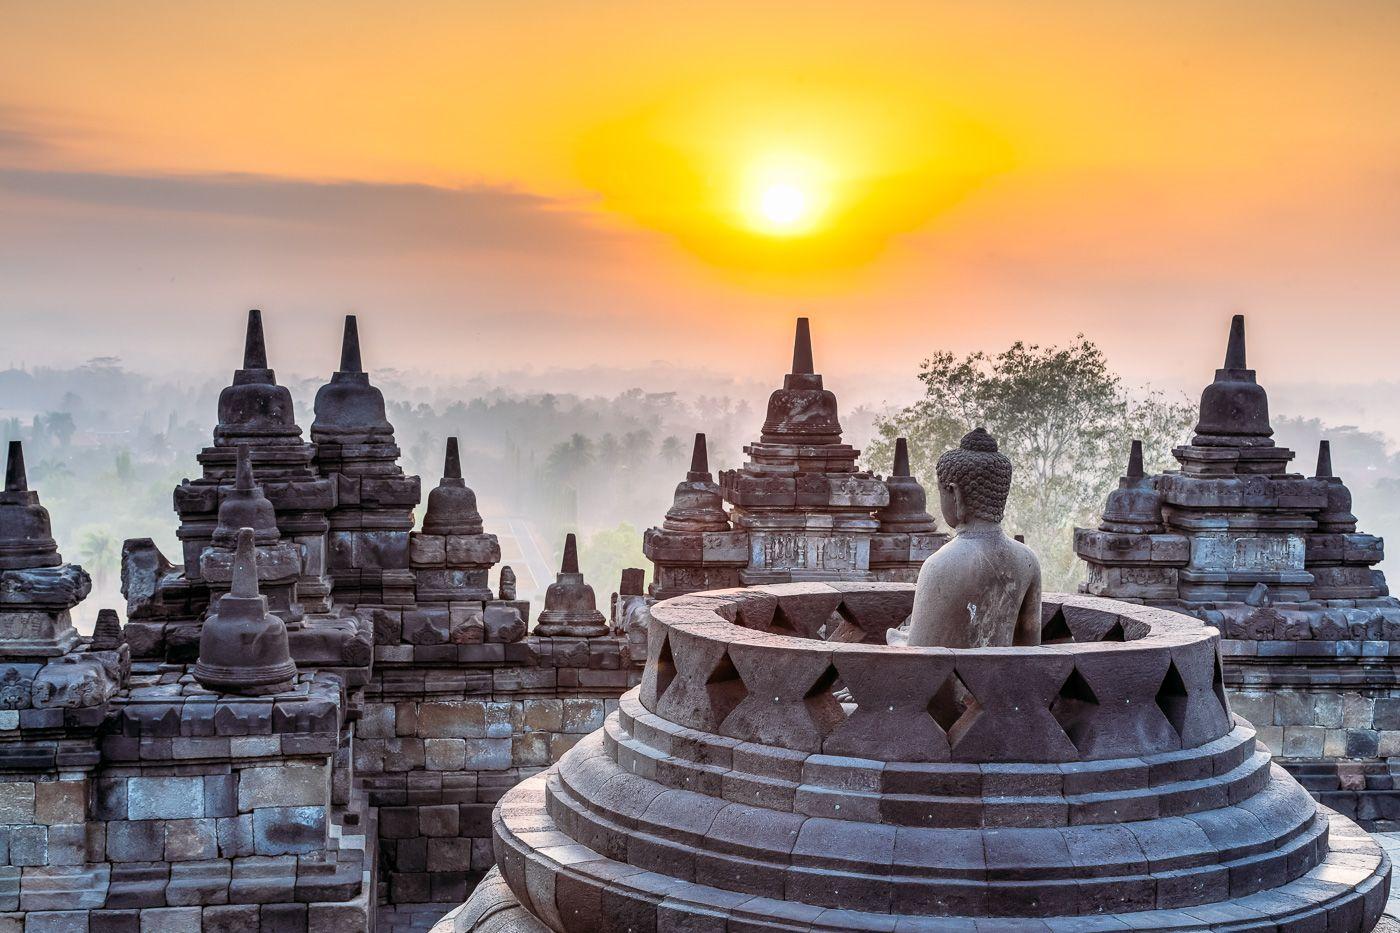 Liburan, Kunjungi 10 Destinasi Wisata Prioritas Indonesia Ini Yuk!